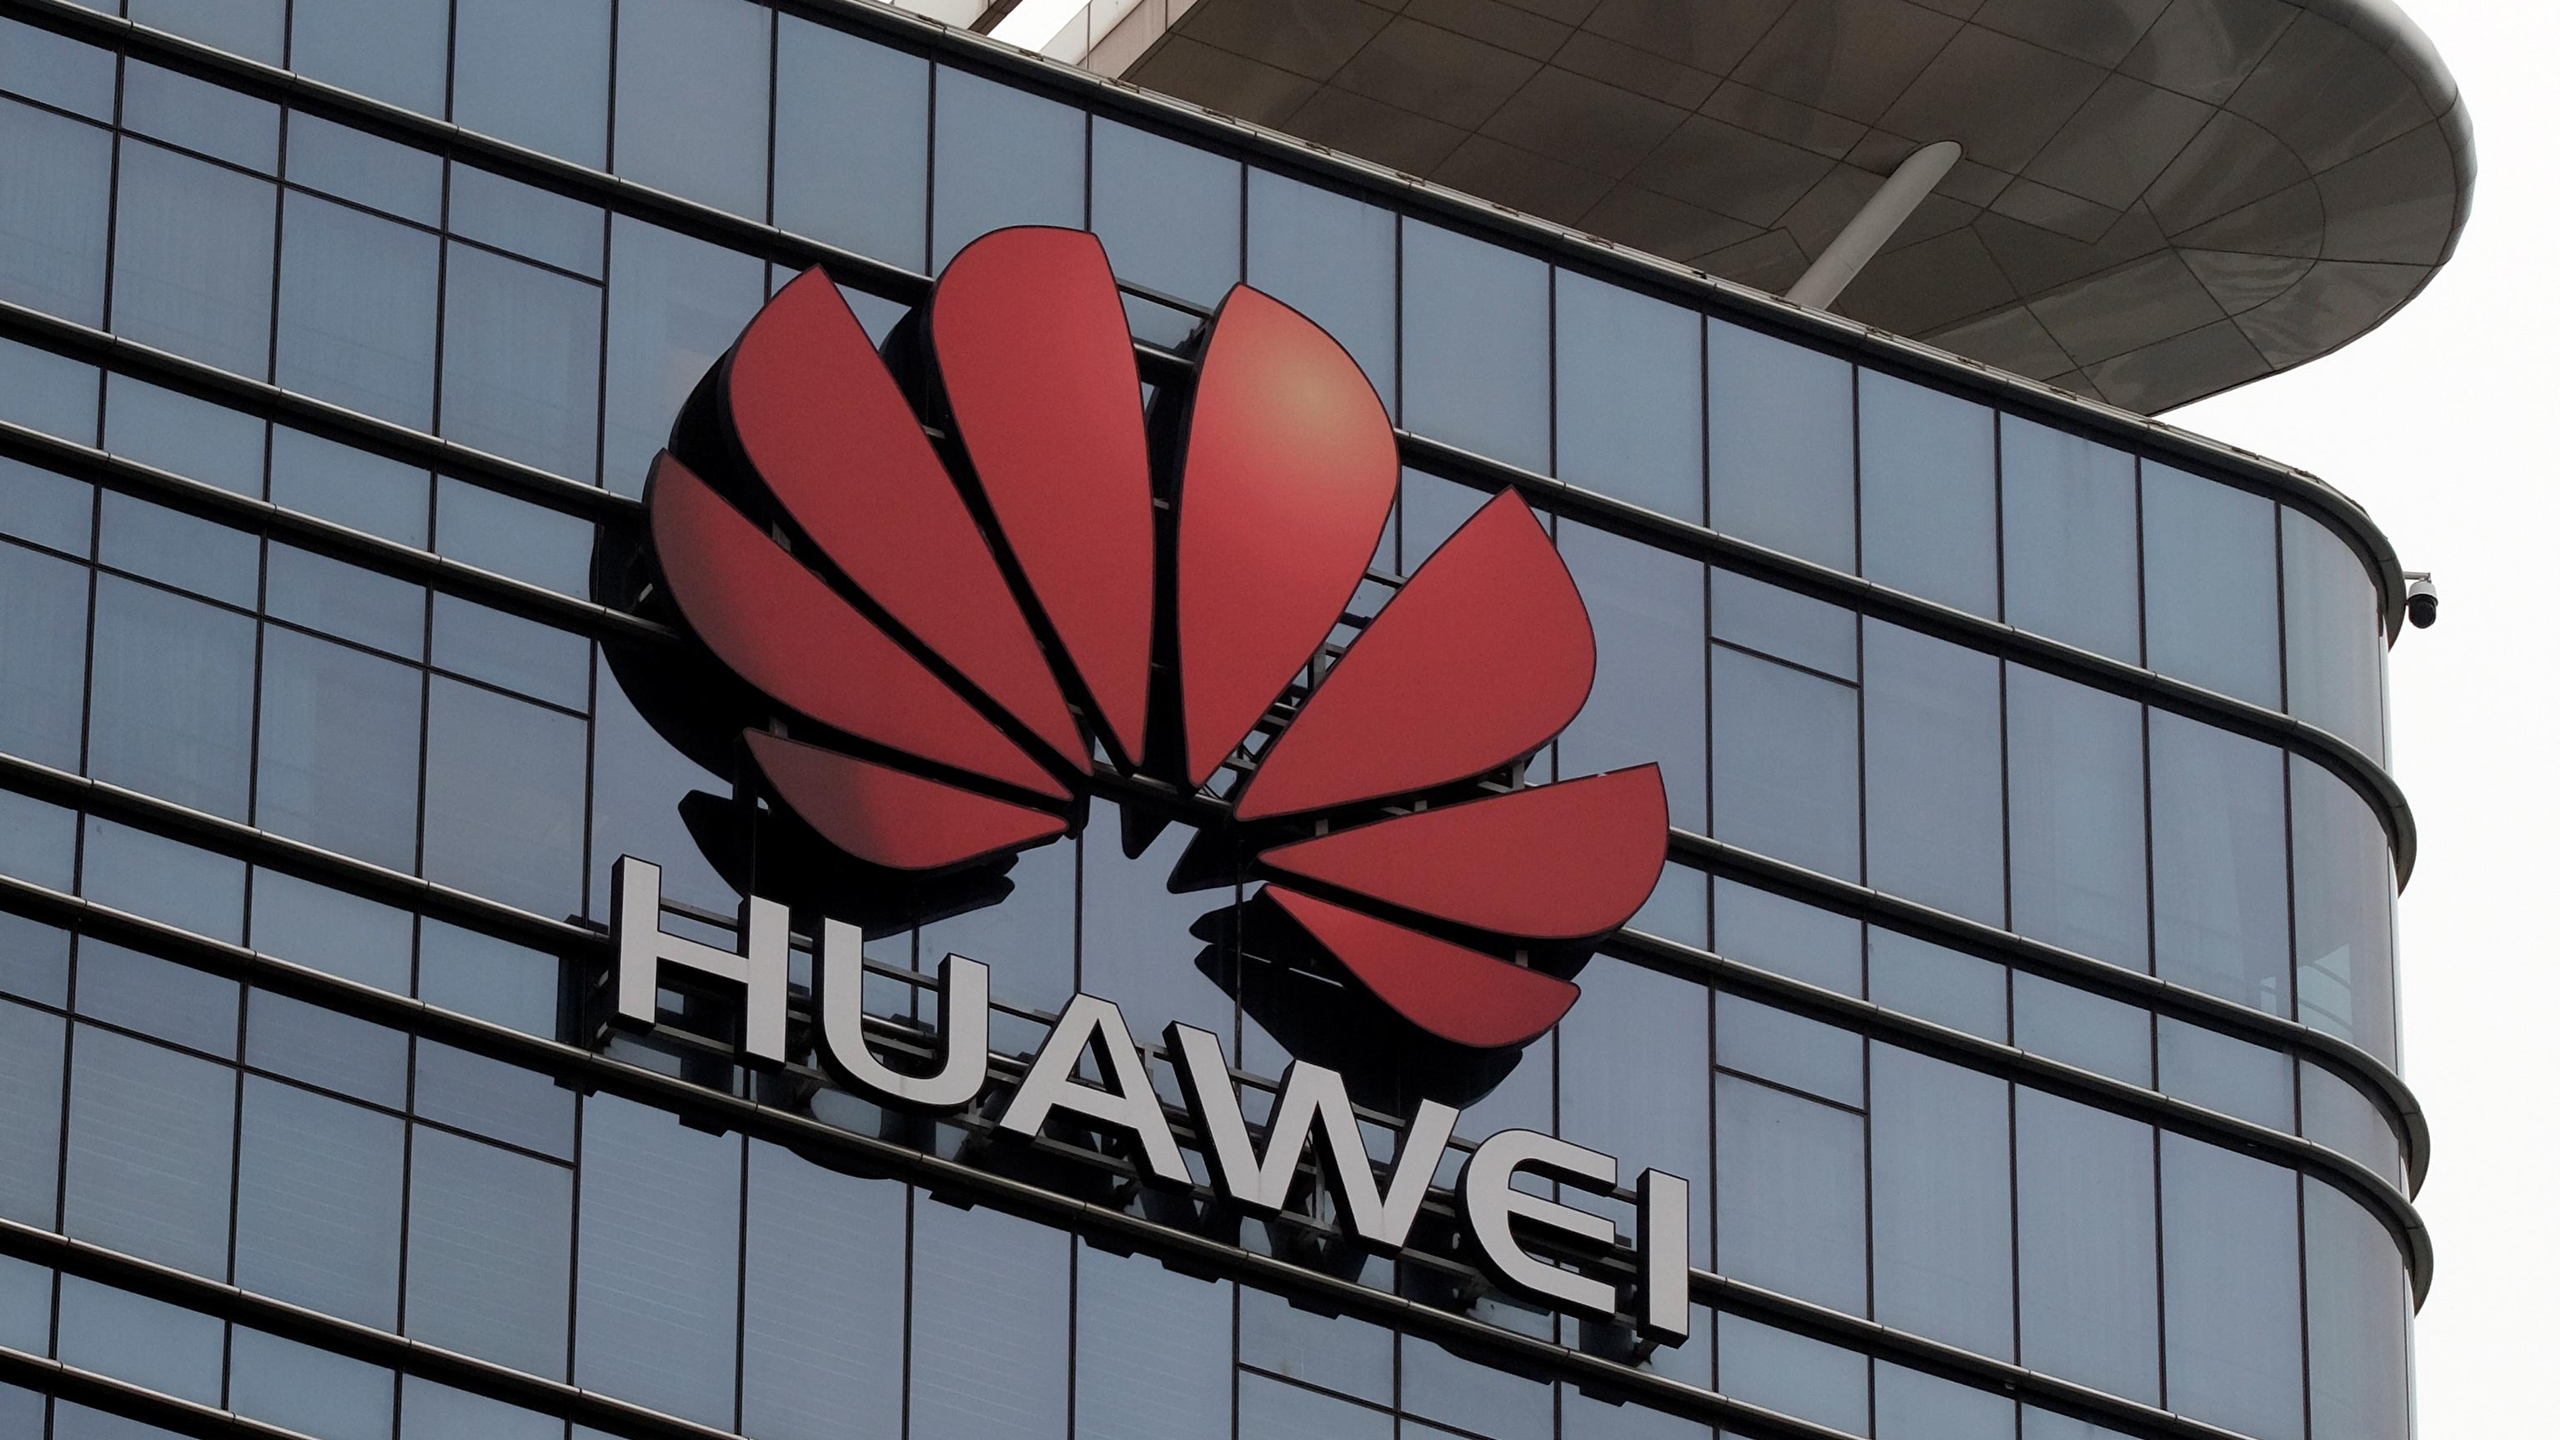 Entrevista | Política y economía, los temas detrás del bloqueo de EU a Huawei